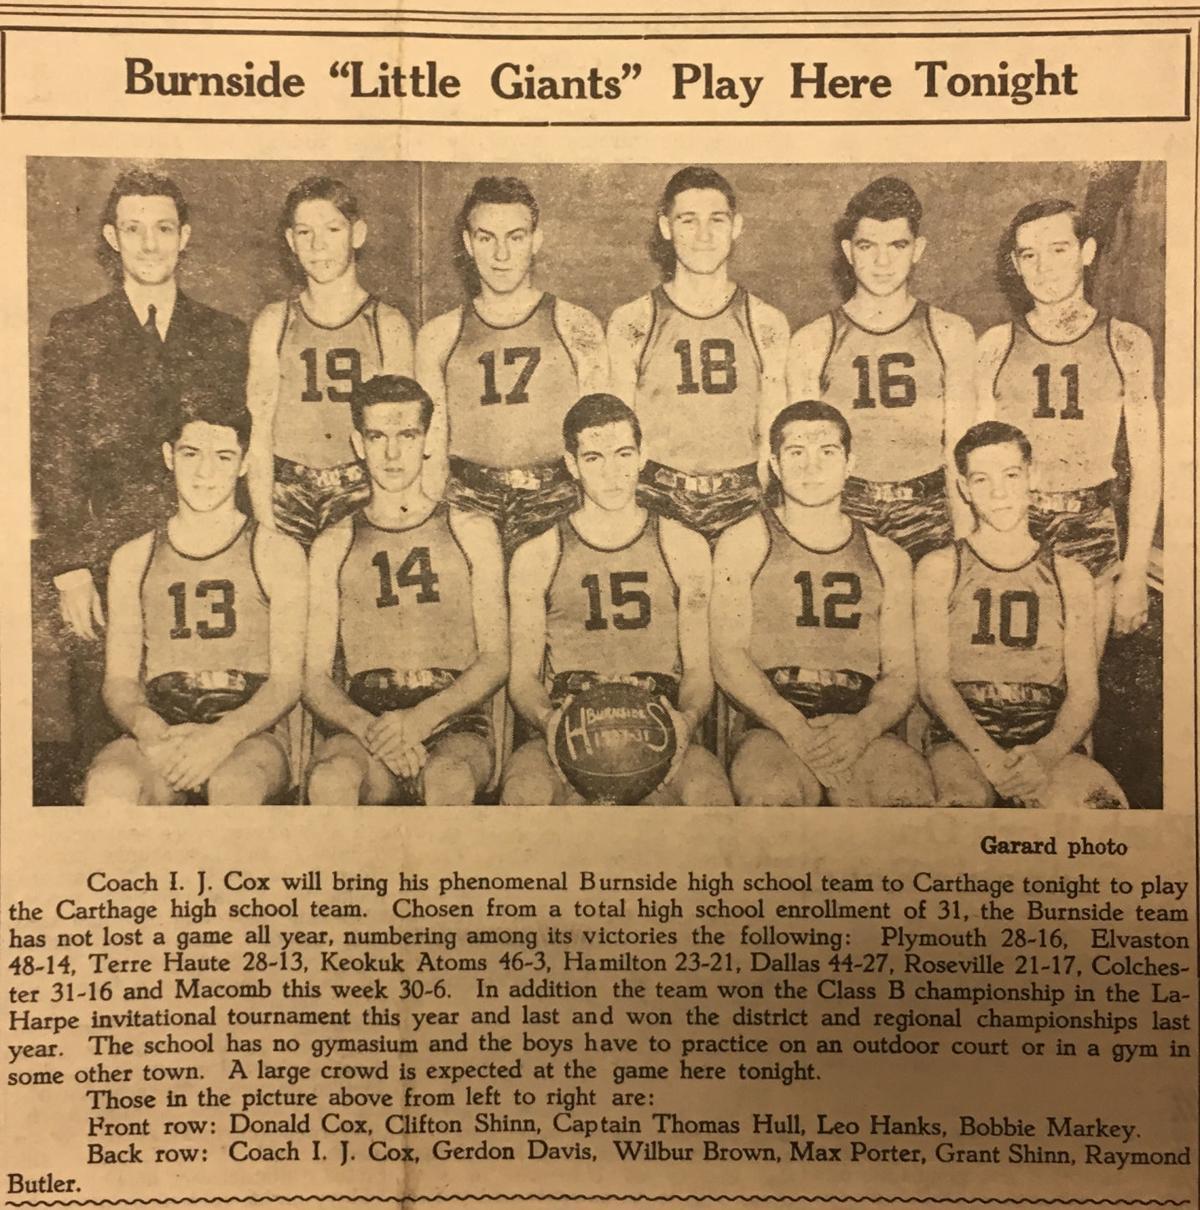 Burnside Little Giants